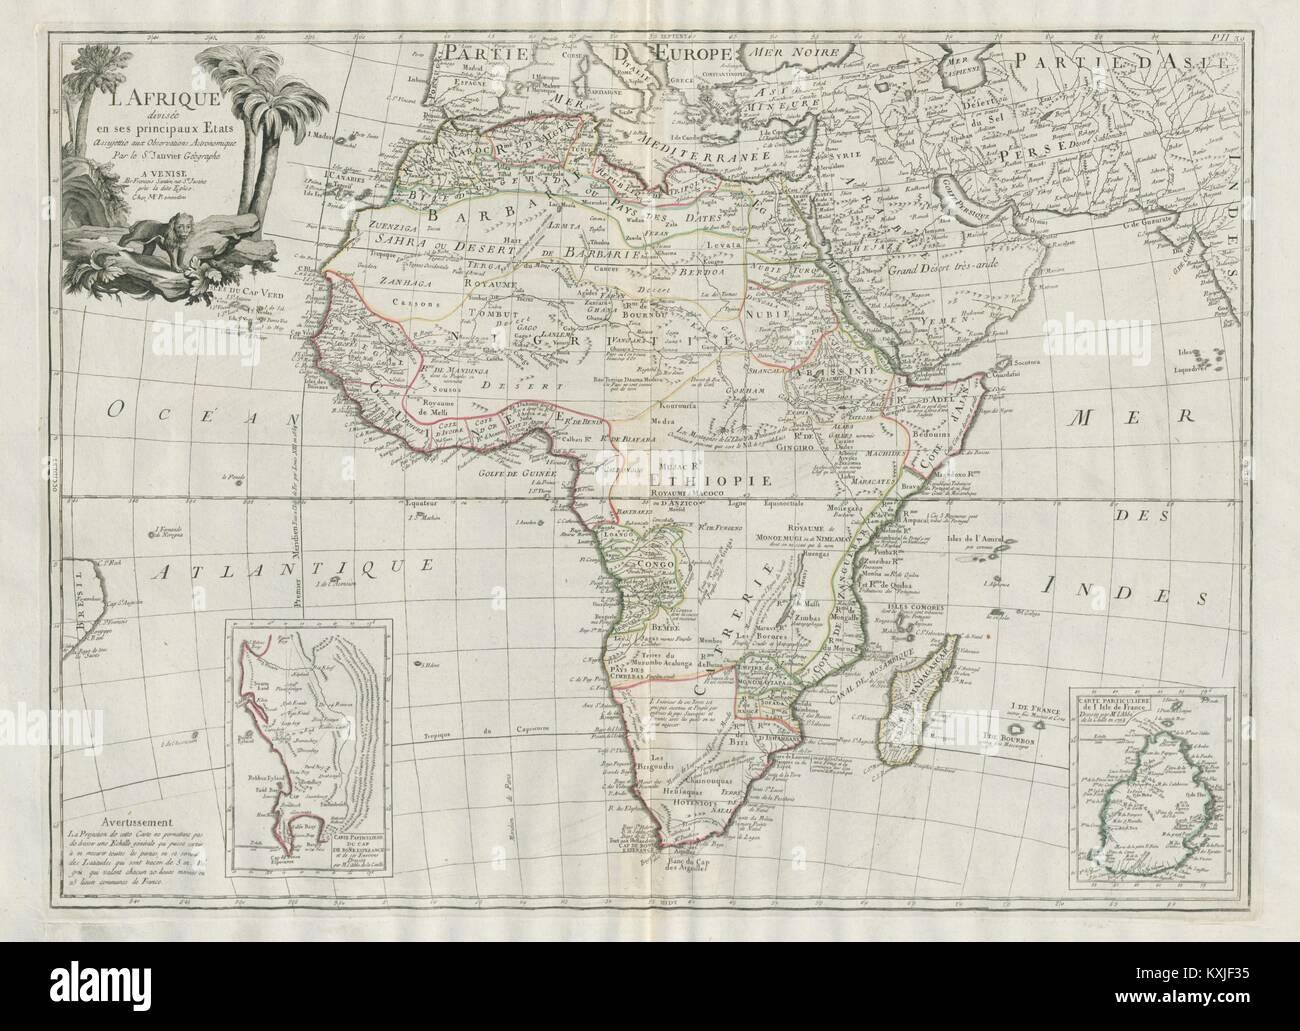 'L'Afrique divisée en ses principaux Etats'. Africa. SANTINI / JANVIER 1784 map - Stock Image